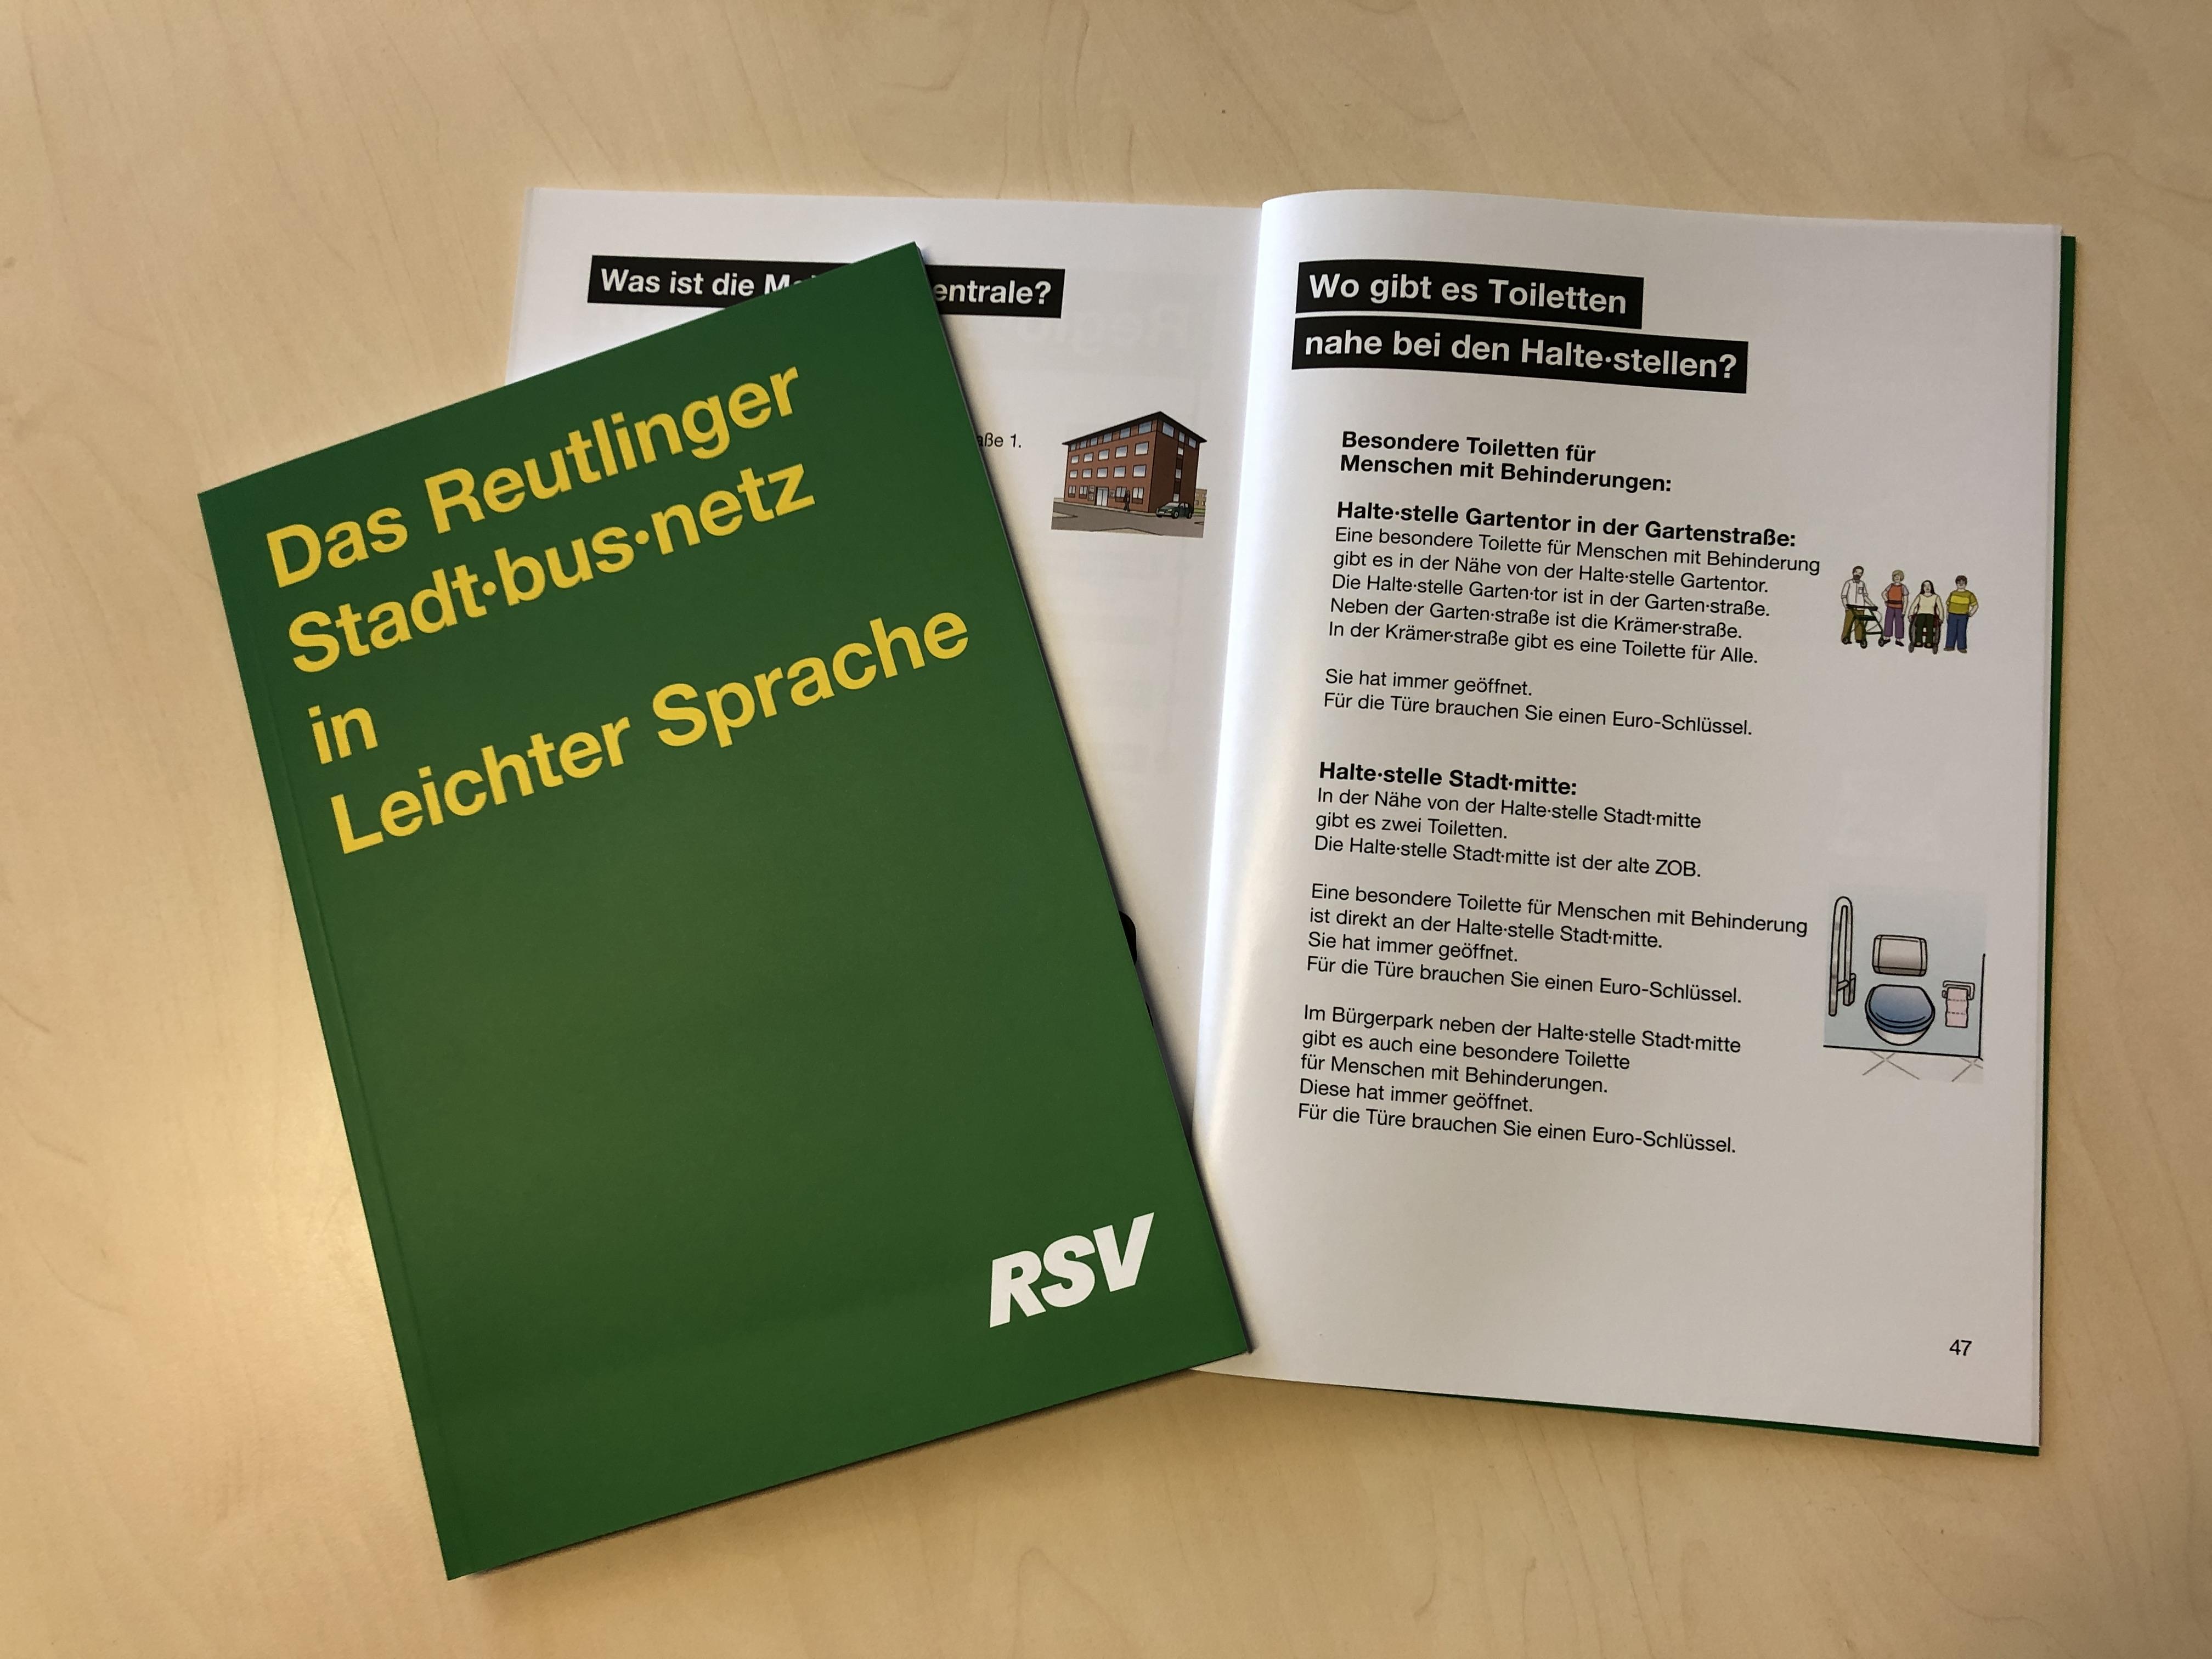 Das Reutlinger Stadtbusnetz in Leichter Sprache - Foto der Broschüre